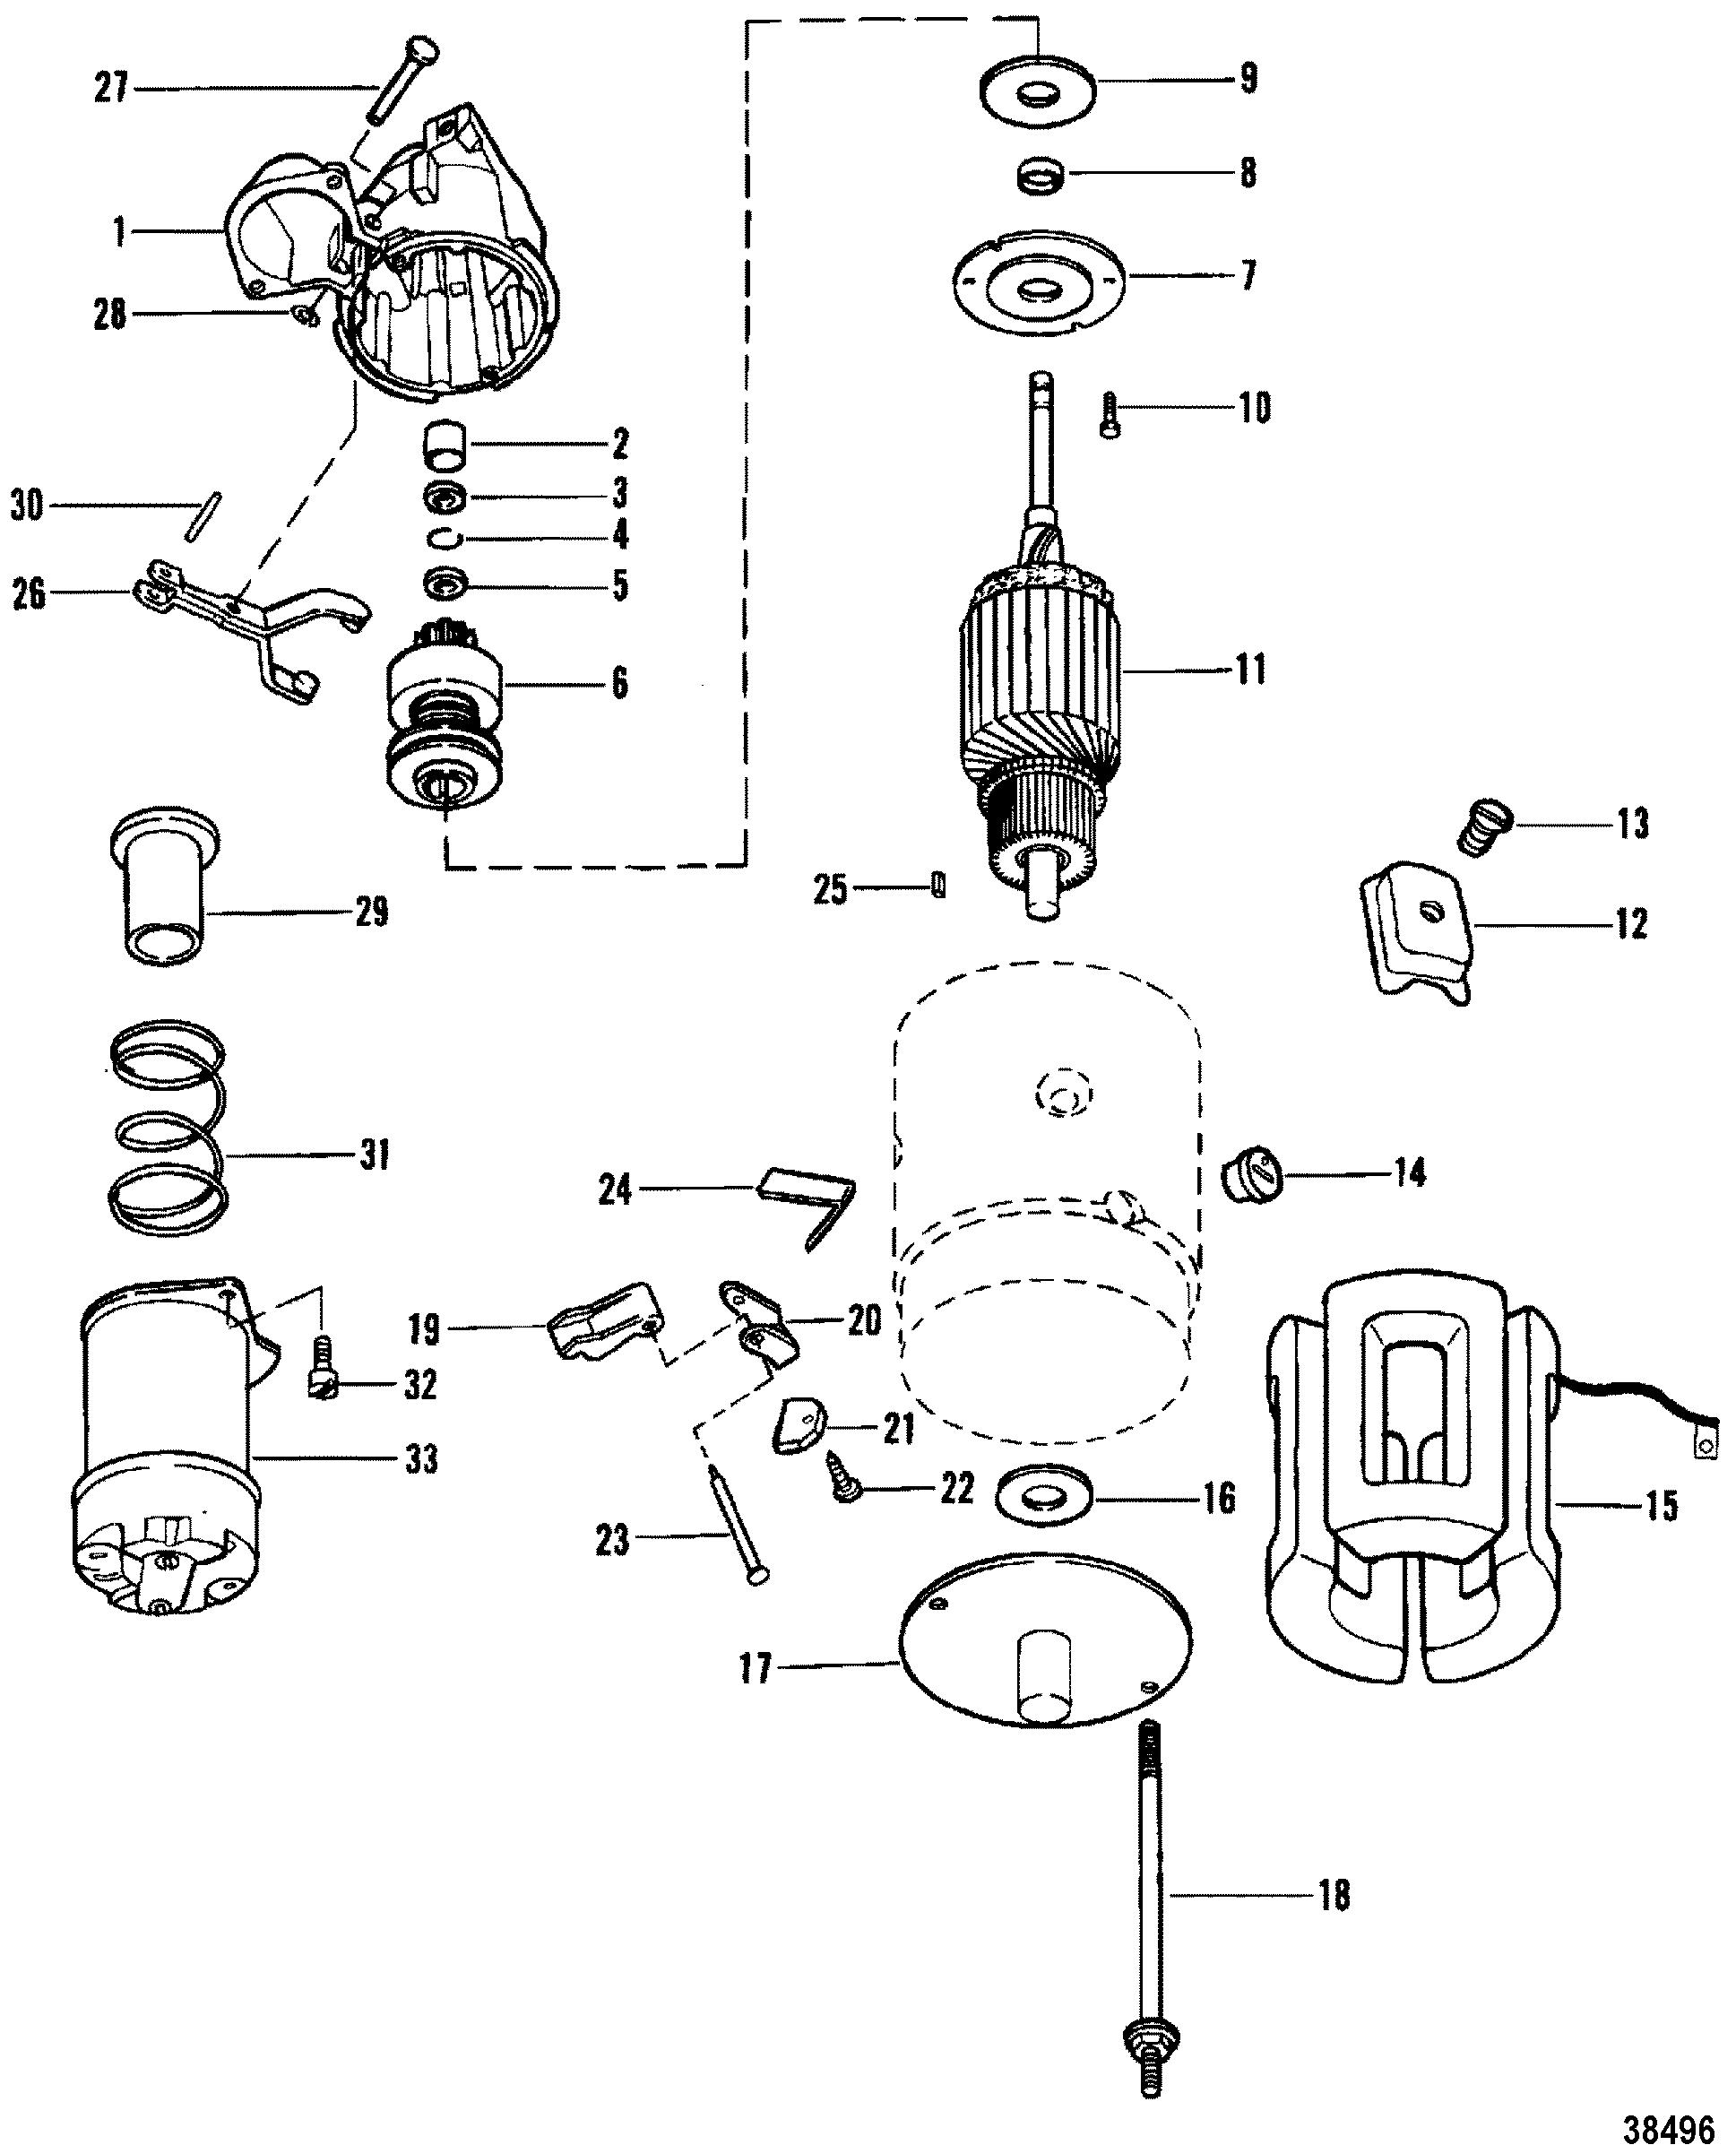 Starter Motor Use With 14 Flywheel For Mercruiser 898 200 228 230 260 Hp R Mr Alpha One